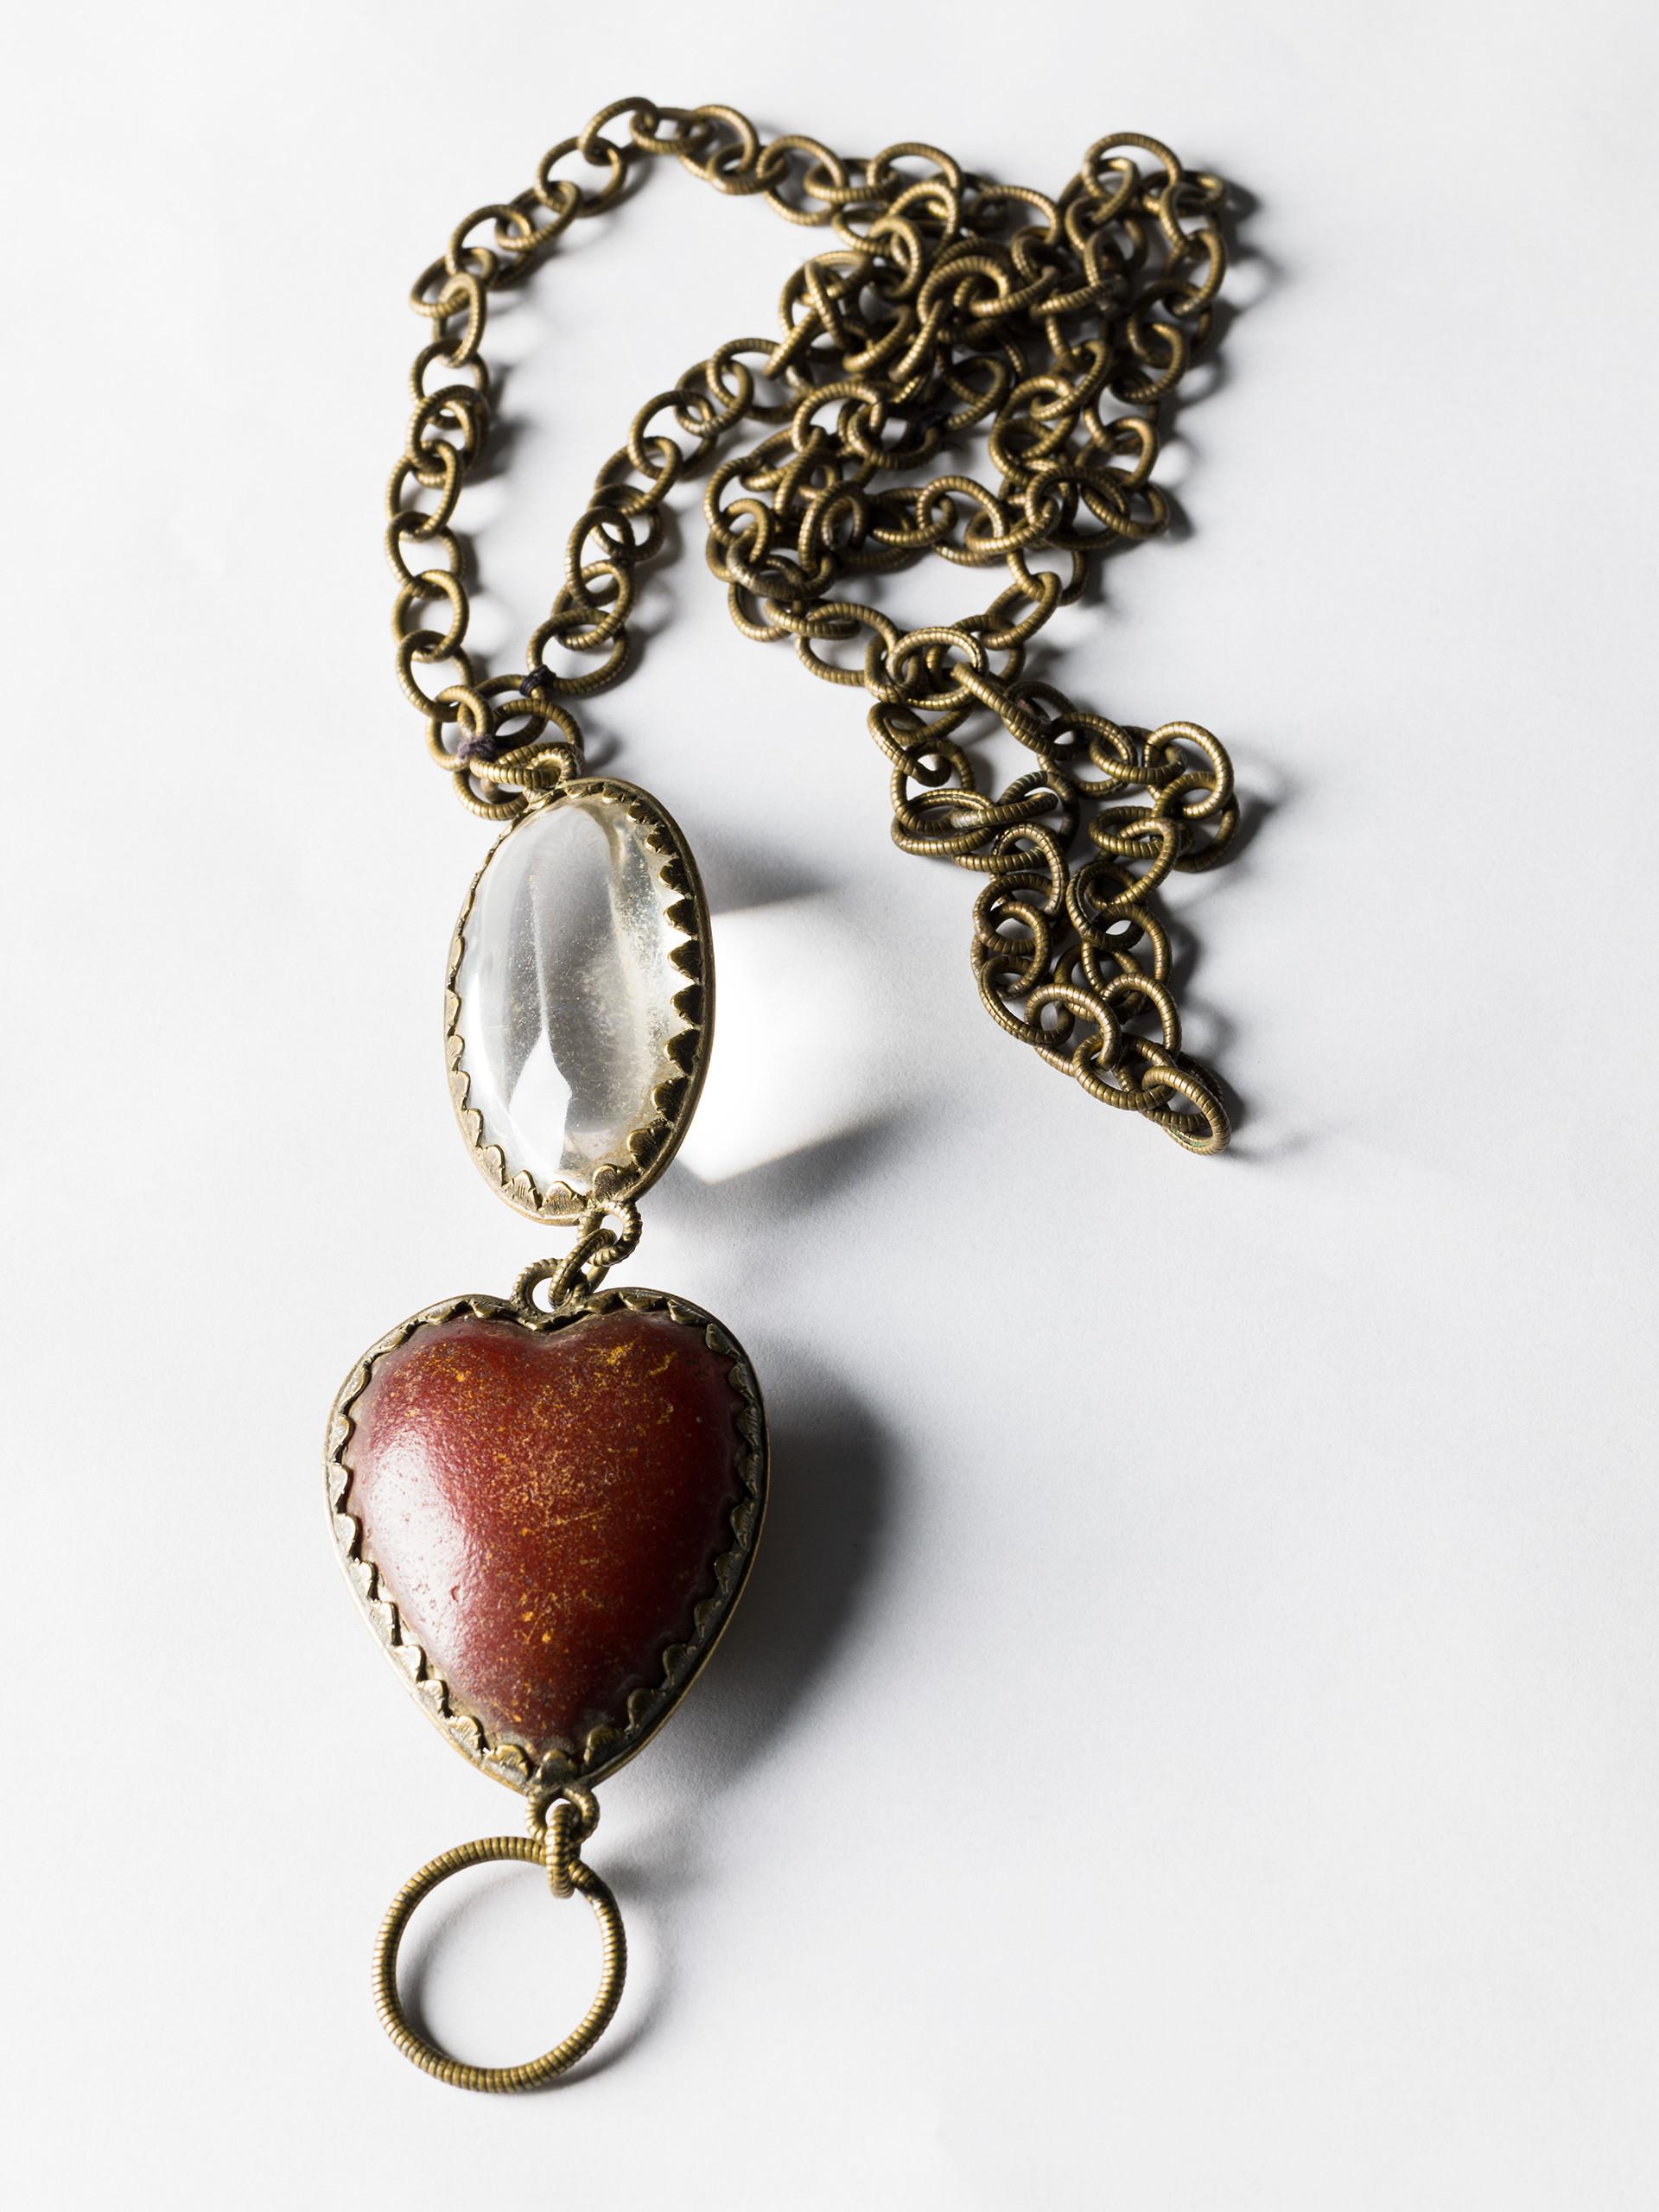 Smyckenas material, form och färg var förr viktiga för skydd och kraft. Bärnstenssmycken har varit en vanlig faddergåva till nyfödda, också som skydd mot oknytt eller troll. Bergkristall ansågs helande. Hjärtformade smycken var ofta fästmansgåvor.  Kedjan av brons, med hängen av bergkristall och oxhud är tillverkad omkring 1650-1750. Det är ett jordfynd från Långlöts prästgård, Öland